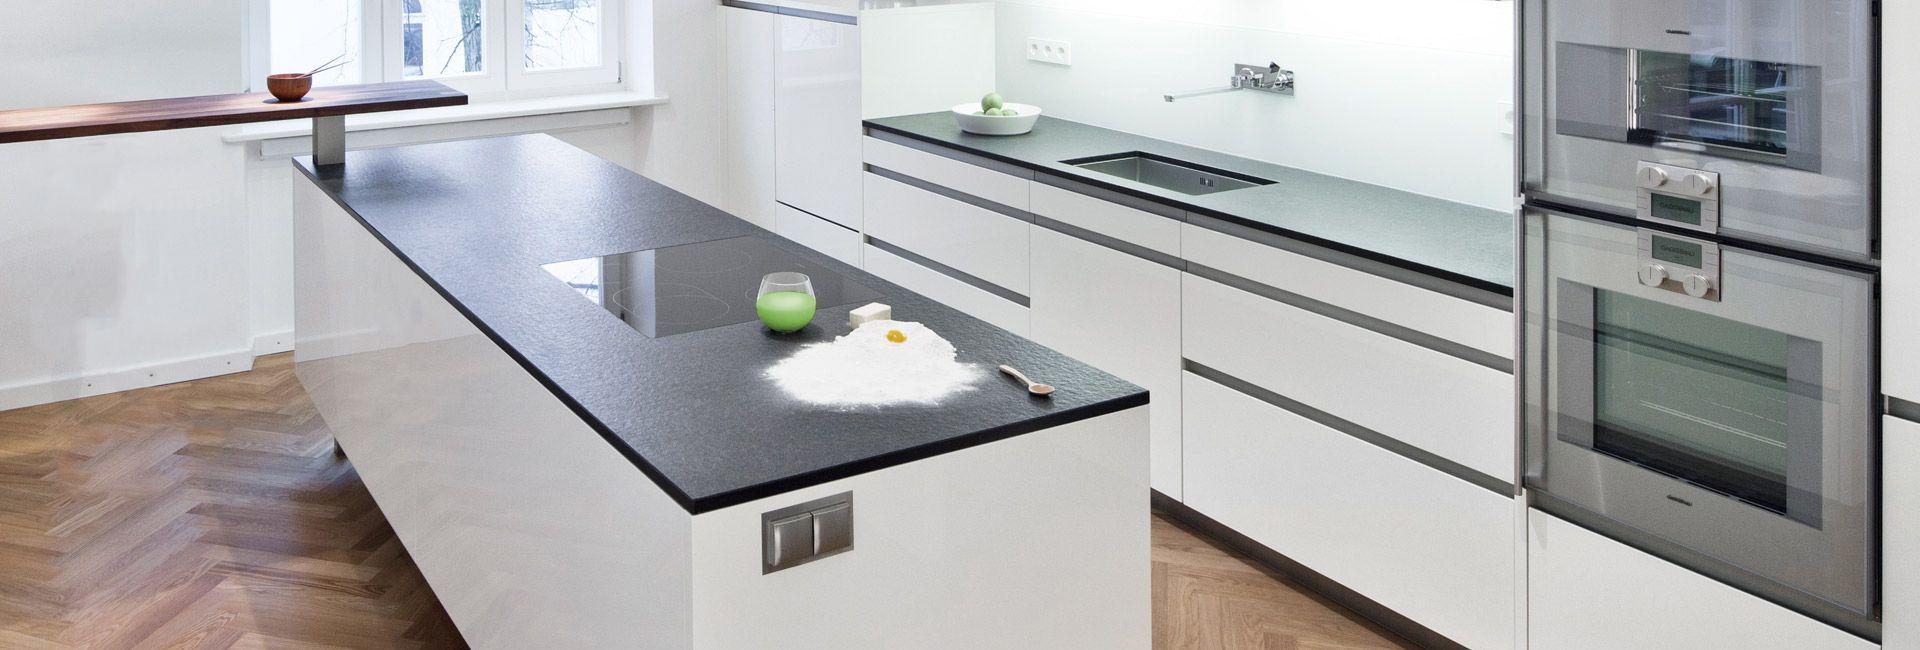 Unser Küchenstudio - Ihr Küchenfachhändler aus Memmingen - Christian ...